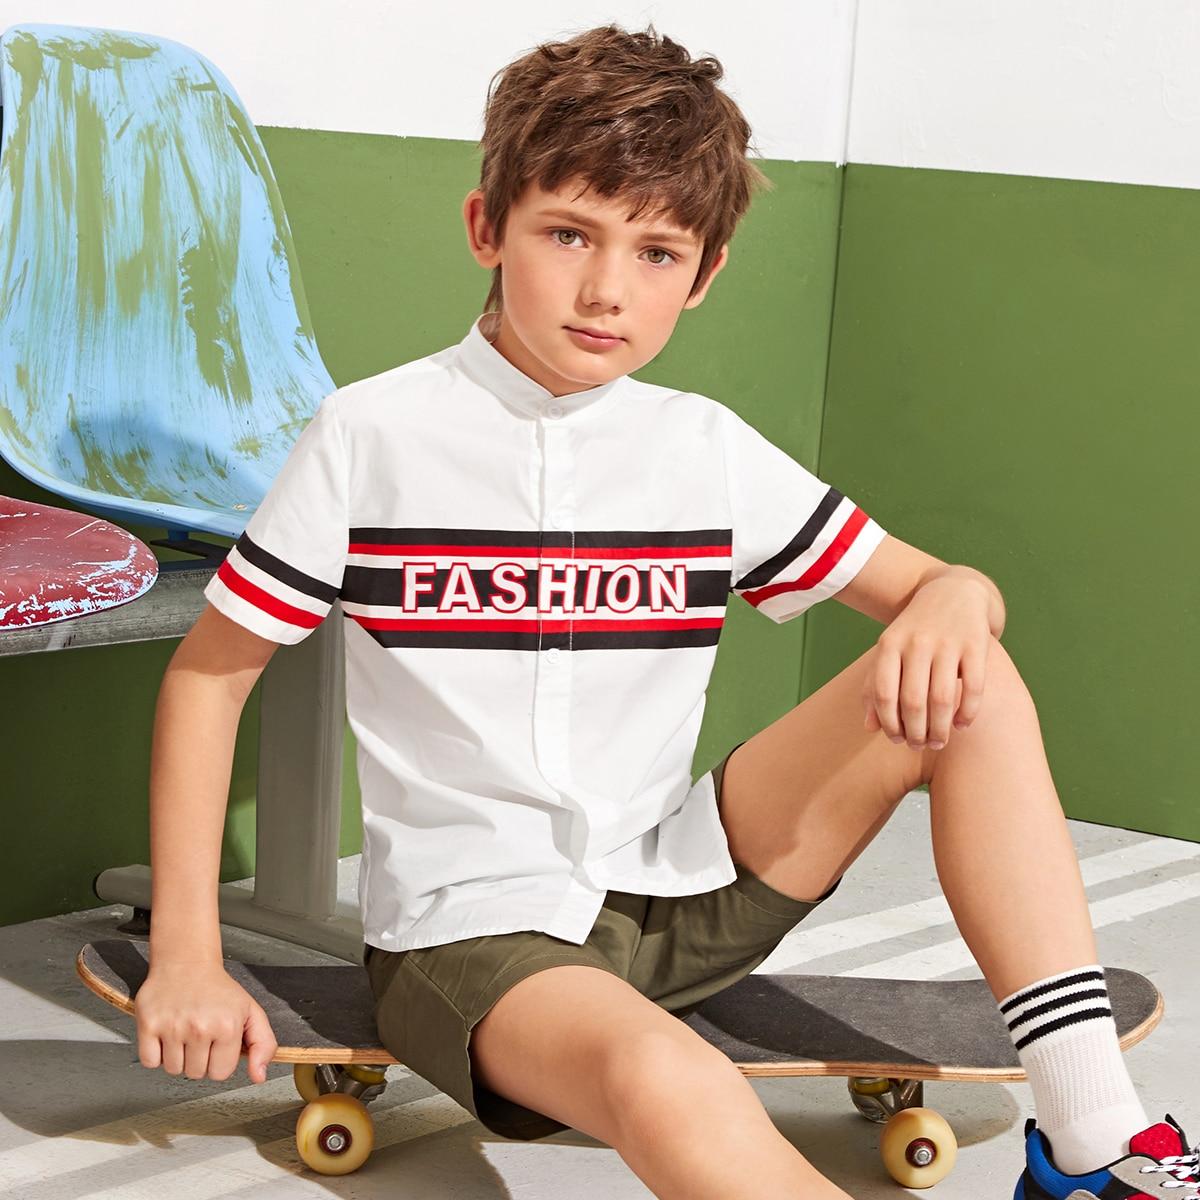 Рубашка с полосками и текстовым принтом для мальчиков от SHEIN